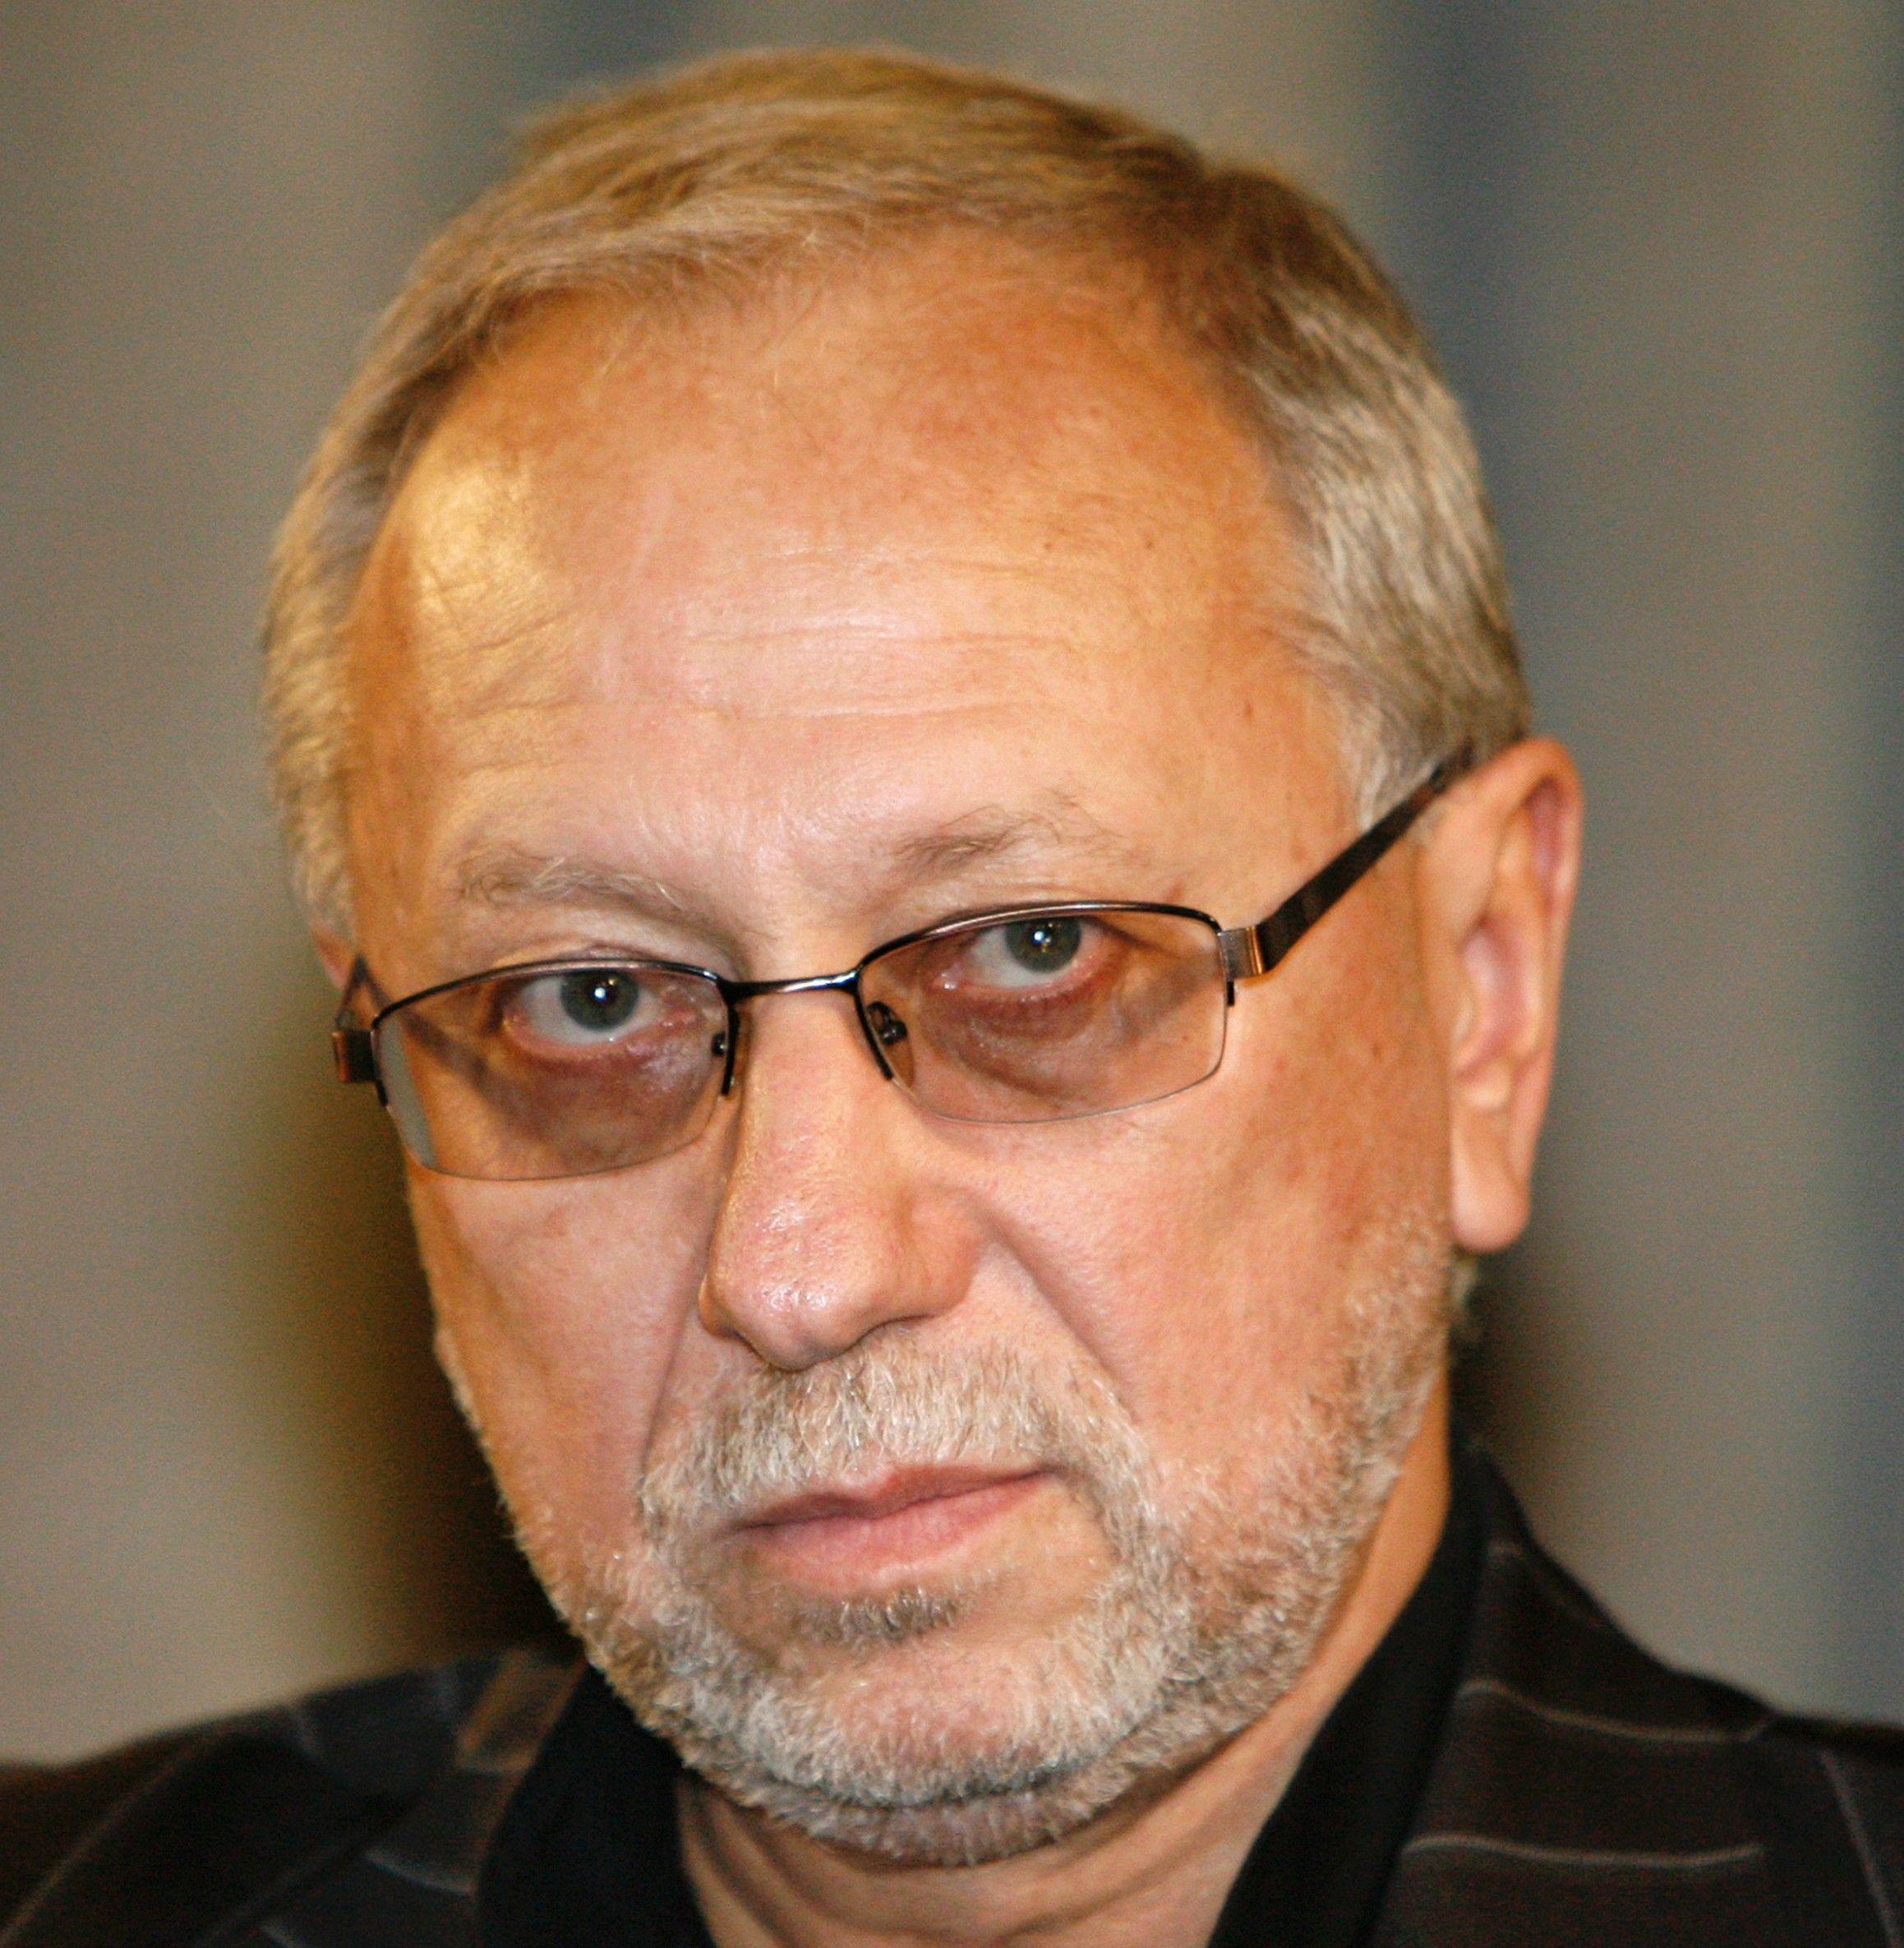 Владимир Качан: Вопросы о горячей воде президенту России подобны стрельбе из пушек по воробьям